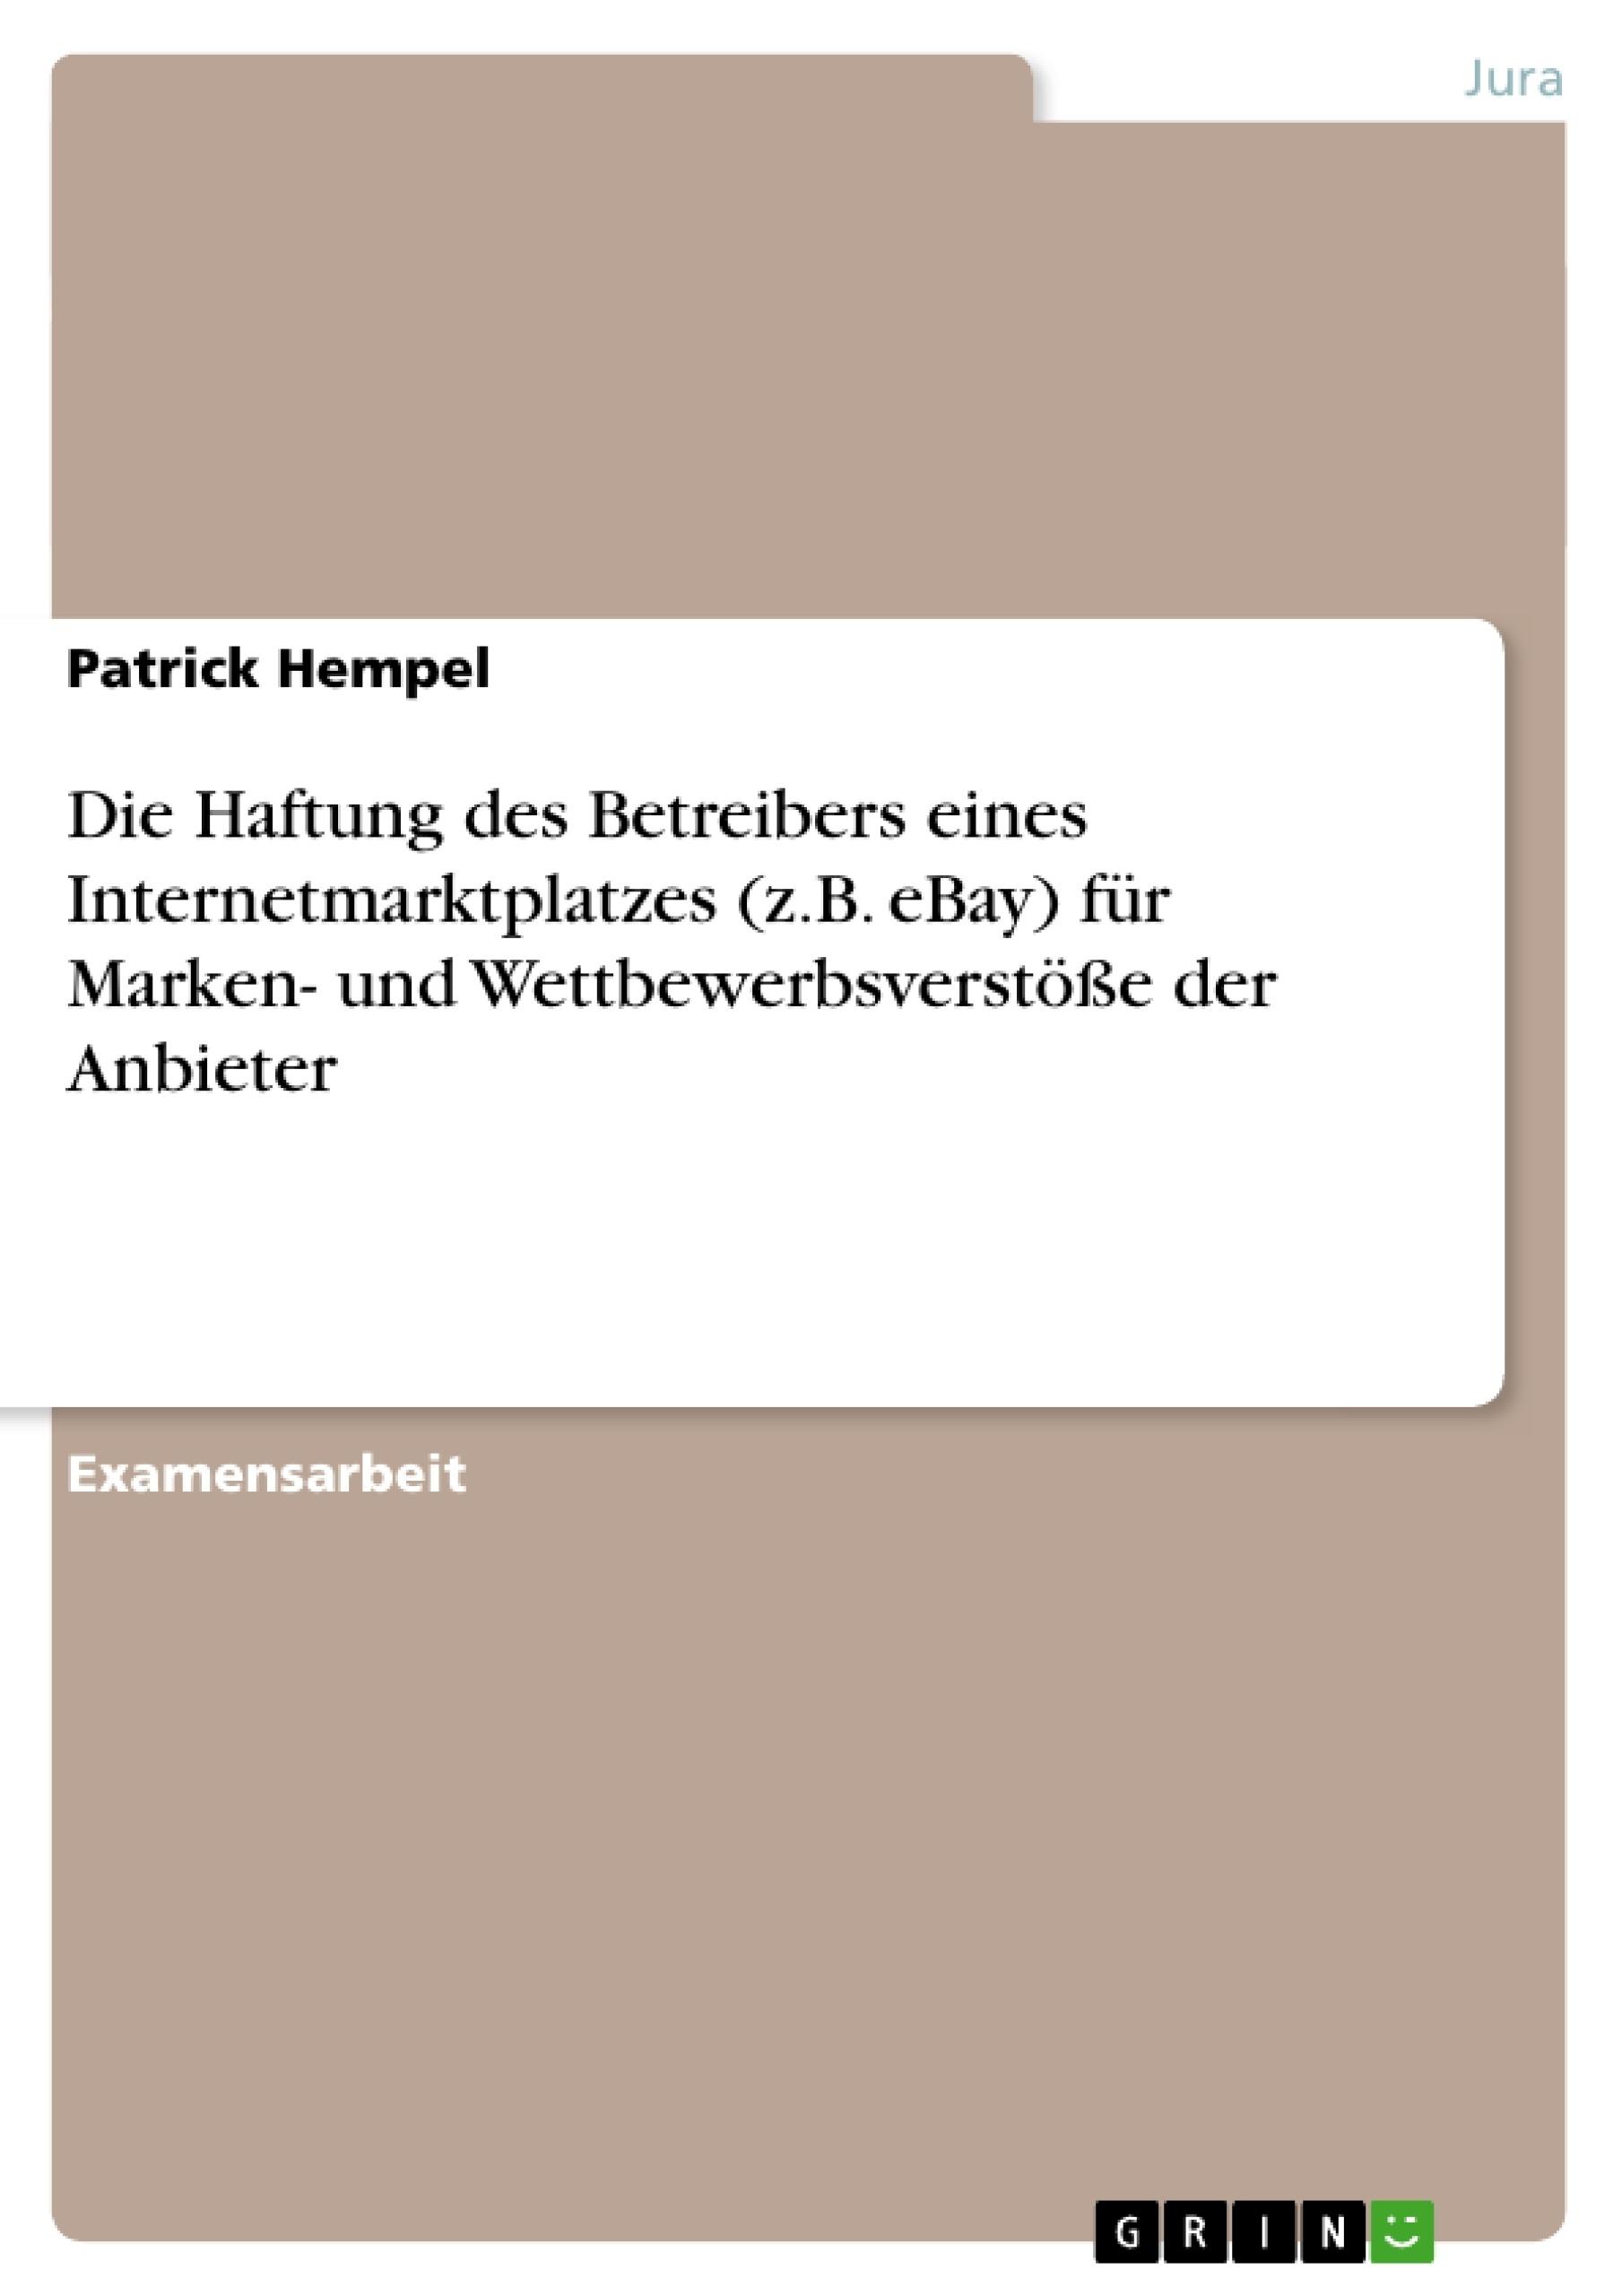 Titel: Die Haftung des Betreibers eines Internetmarktplatzes (z.B. eBay) für Marken- und Wettbewerbsverstöße der Anbieter